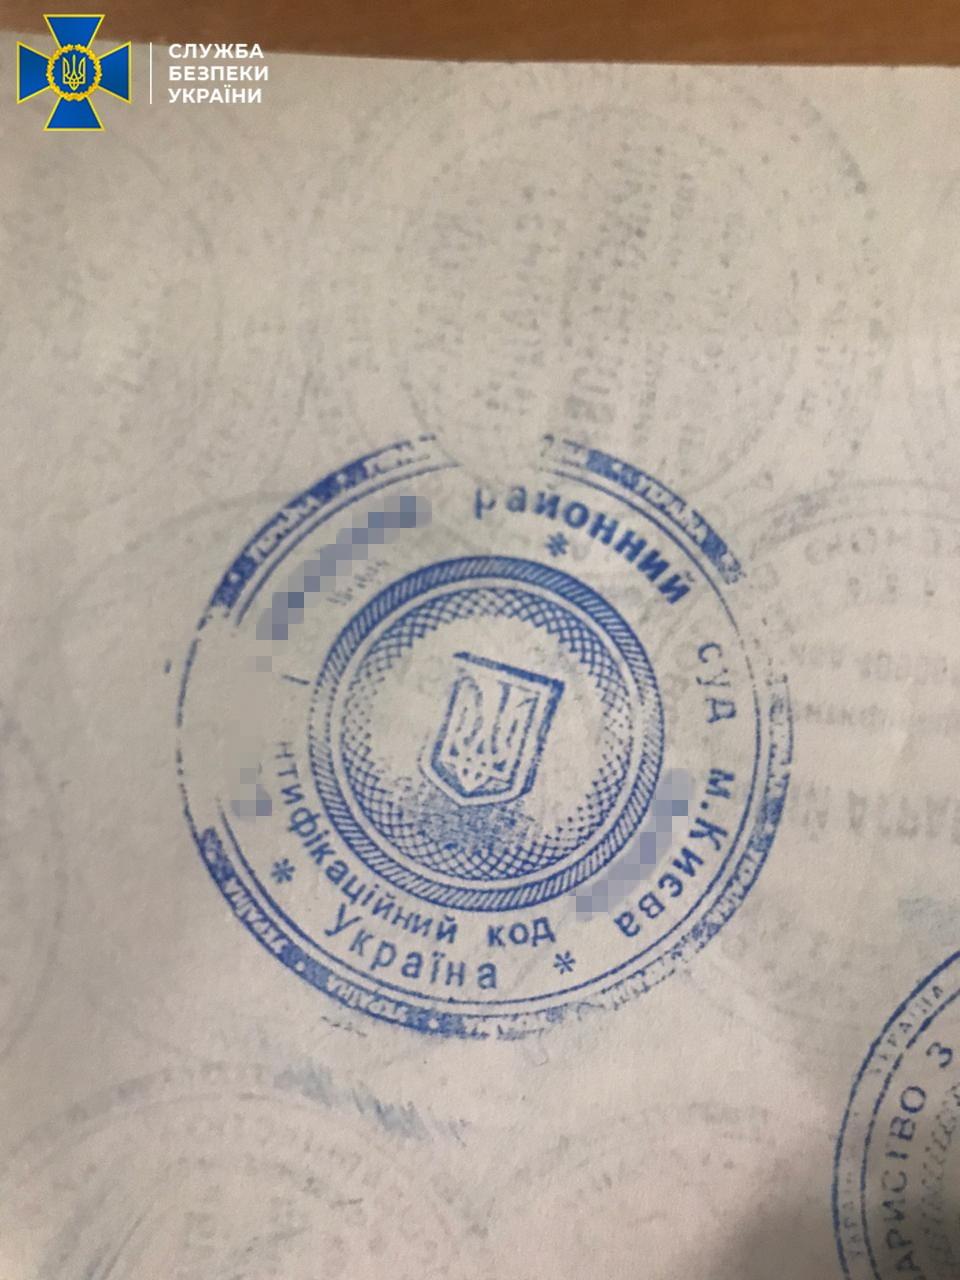 Крали 2 млрд грн щомісяця: СБУ припинила роботу масштабного конвертаційного центру